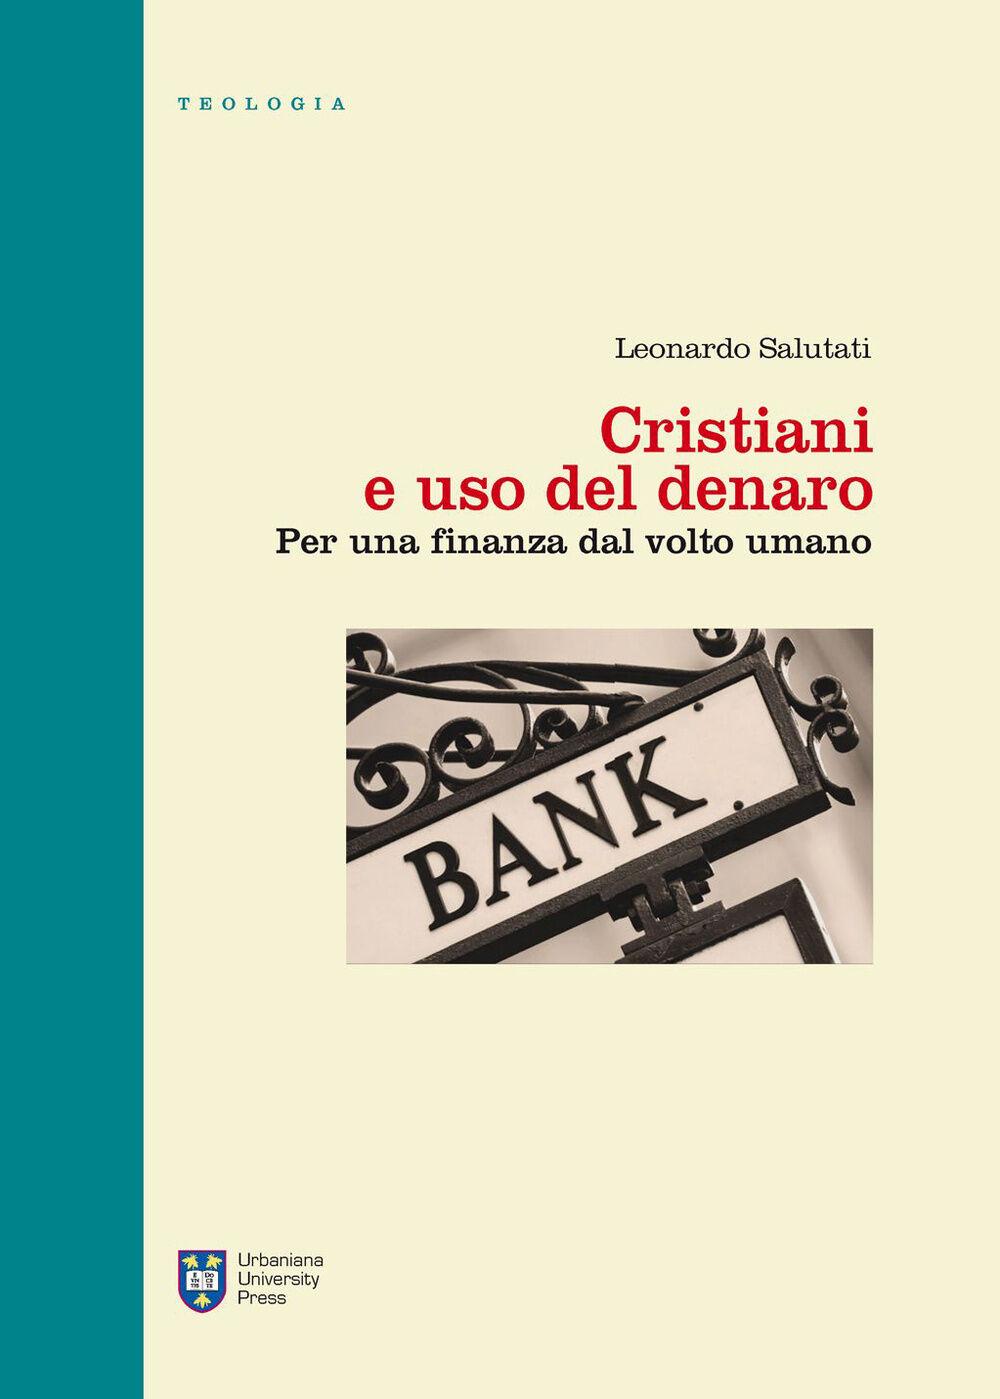 Cristiani e uso del denaro. Per una finanza dal volto umano